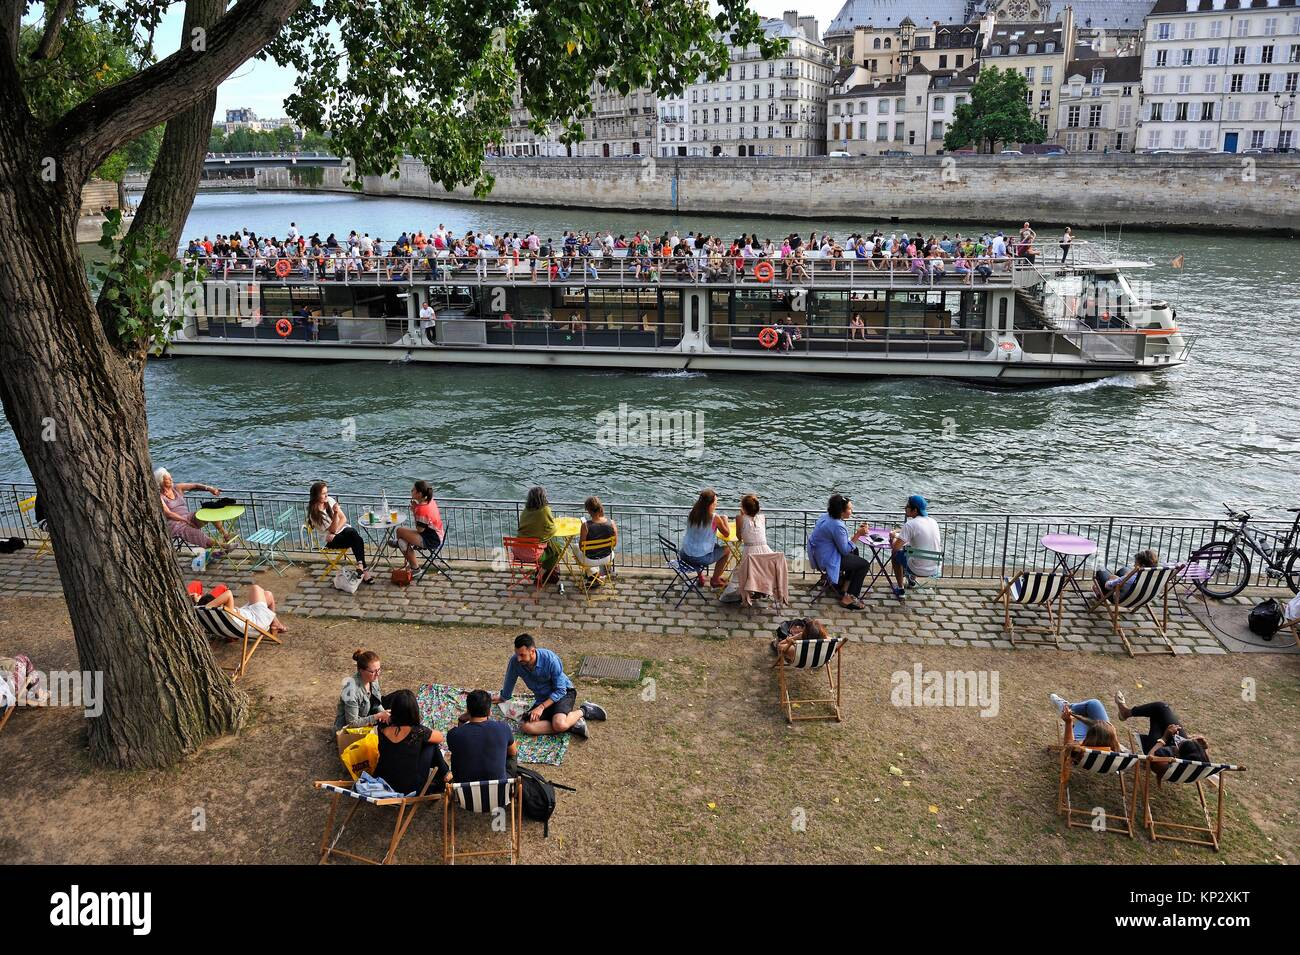 Personas con pic-nic en el río Sena frente a la Ile de la Cité, París, Francia, Europa. Foto de stock